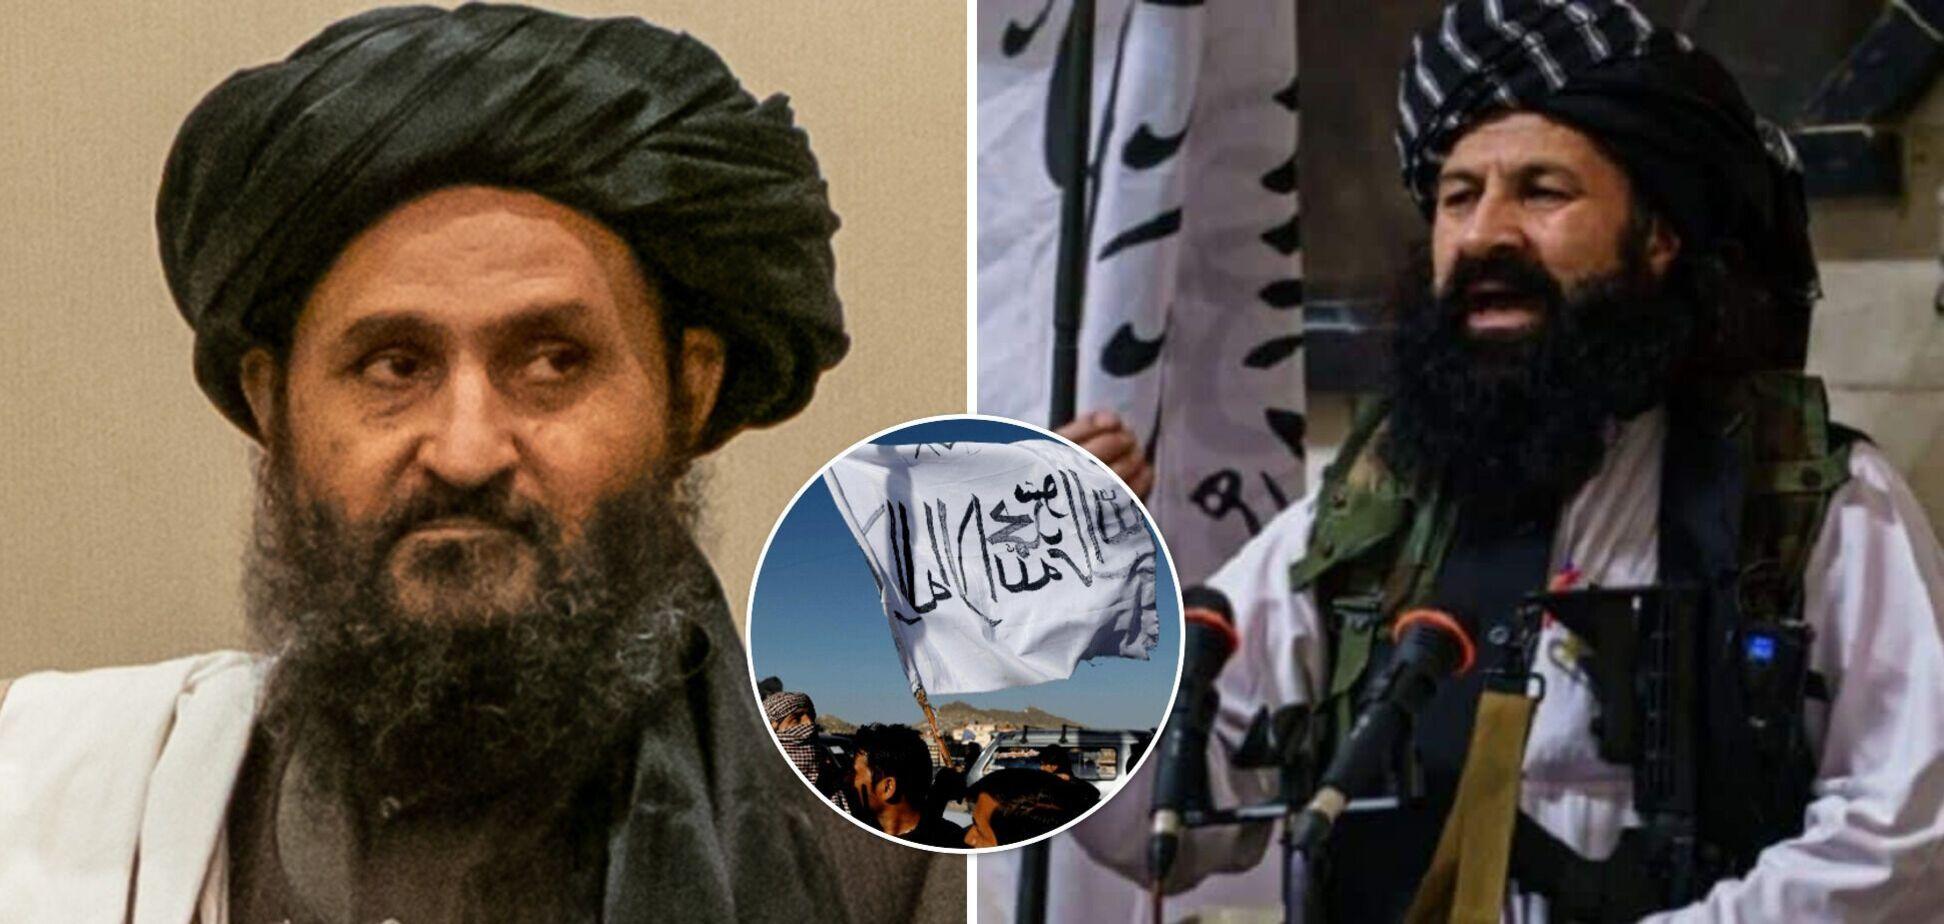 Між лідерами 'Талібану' спалахнув серйозний конфлікт: ЗМІ розкрили подробиці